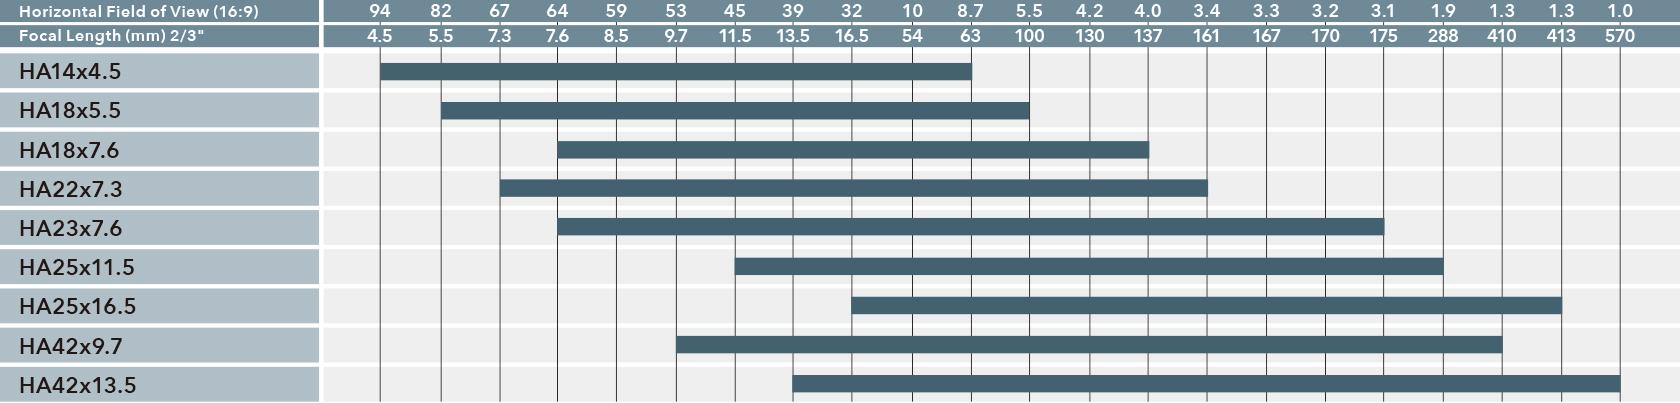 """[이미지] 모델 번호별 수평 시야(16:9)와 초점 길이(2/3"""")를 비교한 차트"""